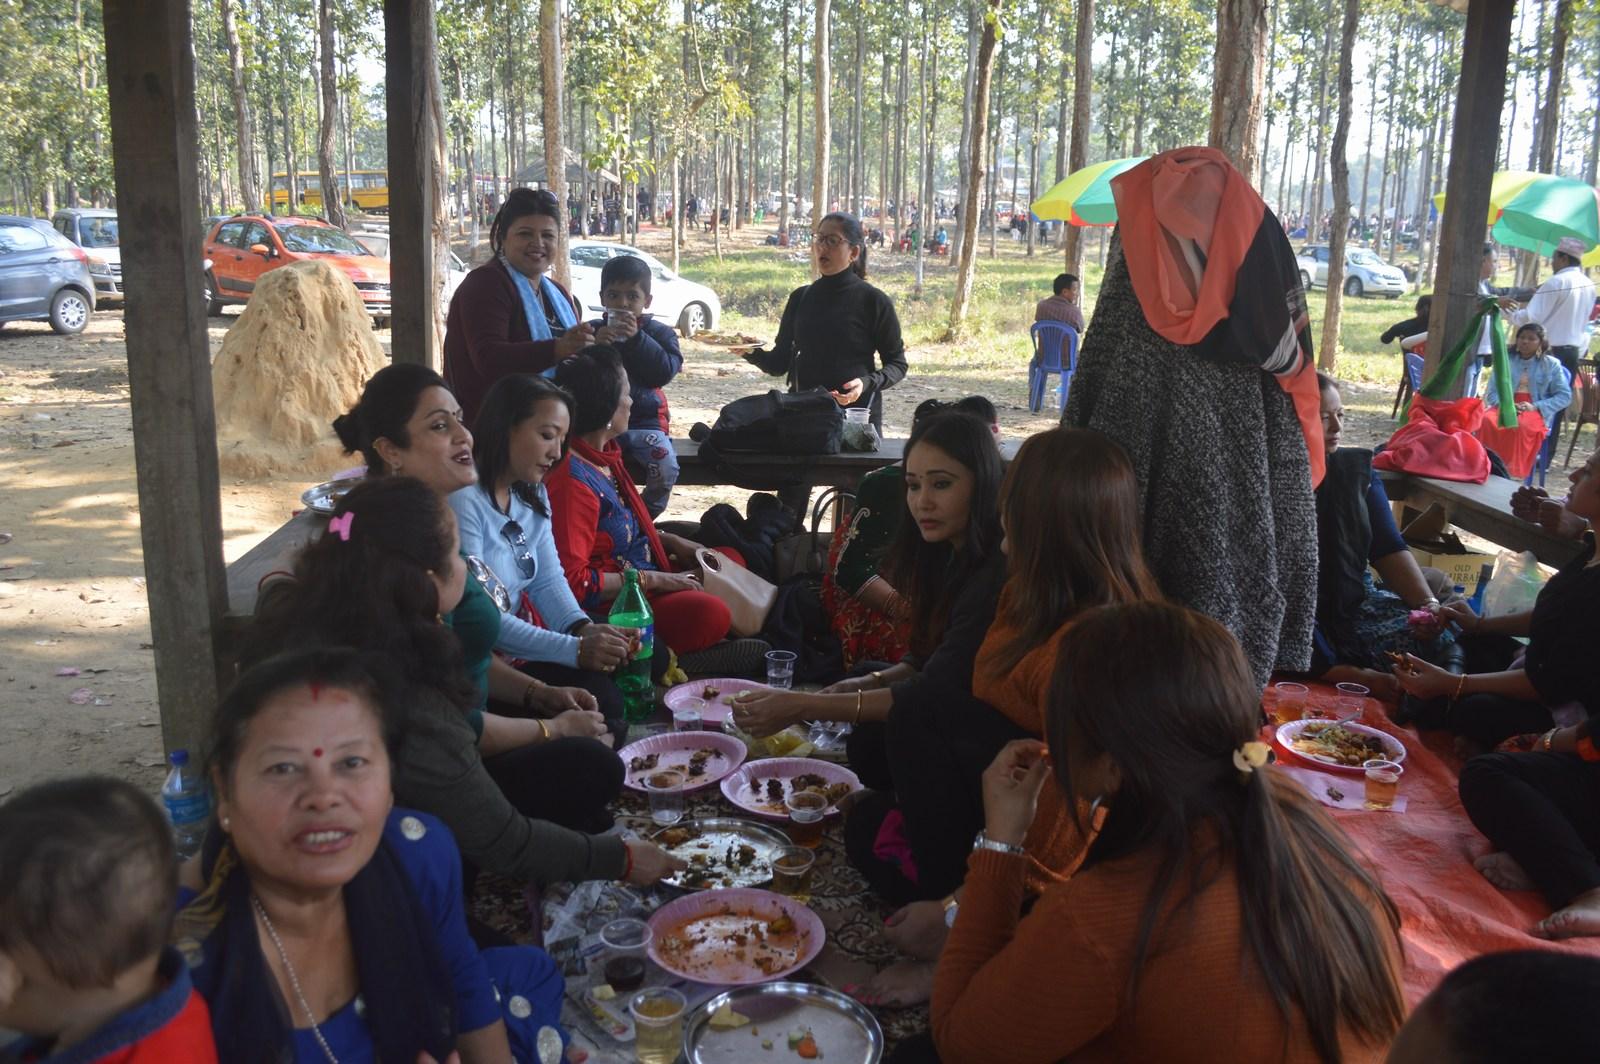 Rota-Picnic-2017-Rotary-Club-of-Kakarvitta-106